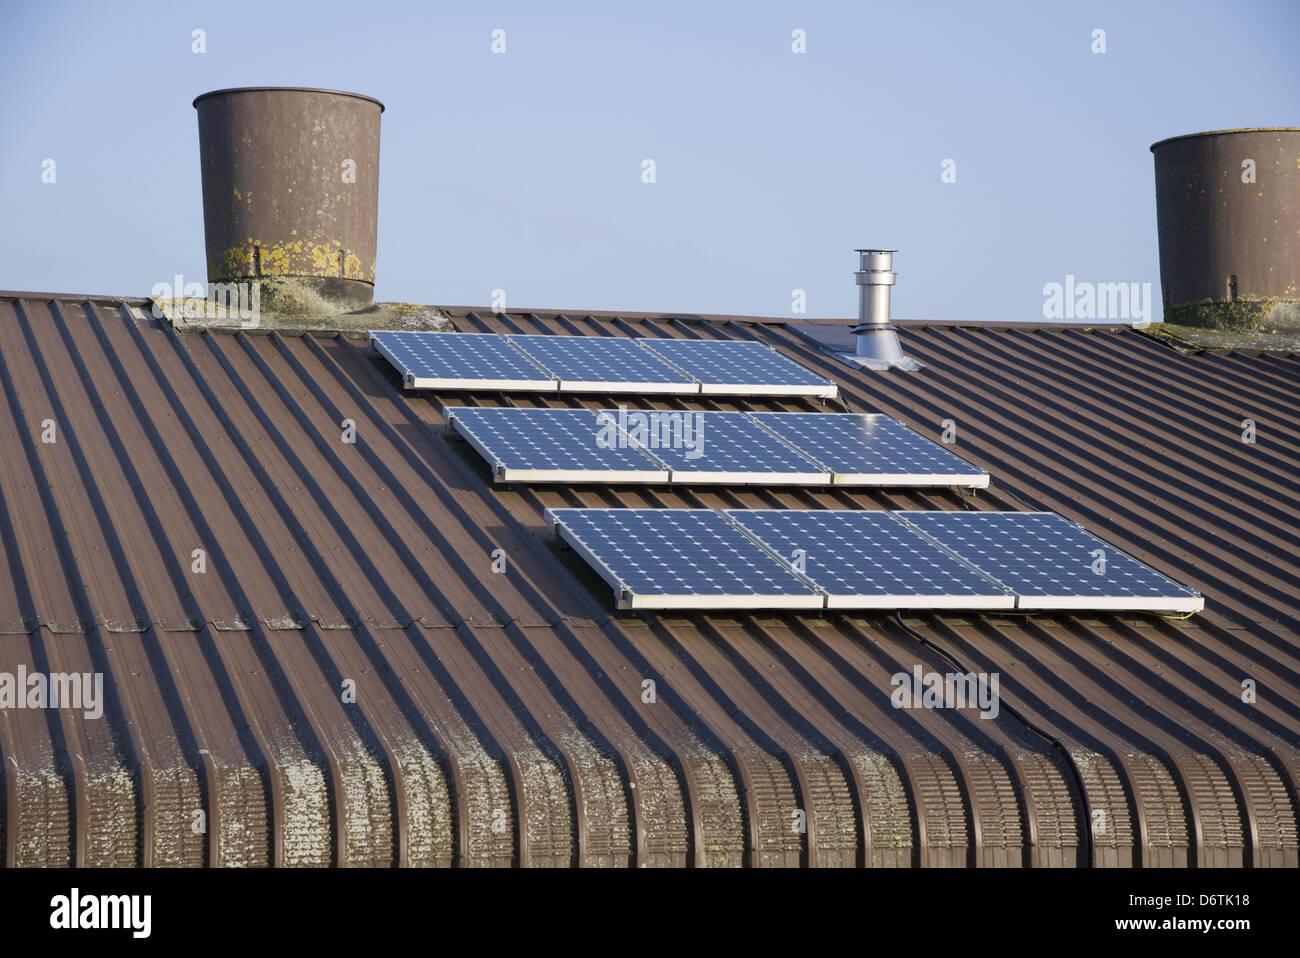 L'élevage du poulet, panneaux solaires sur le toit de l'unité de la volaille, Lancashire, Angleterre, Photo Stock